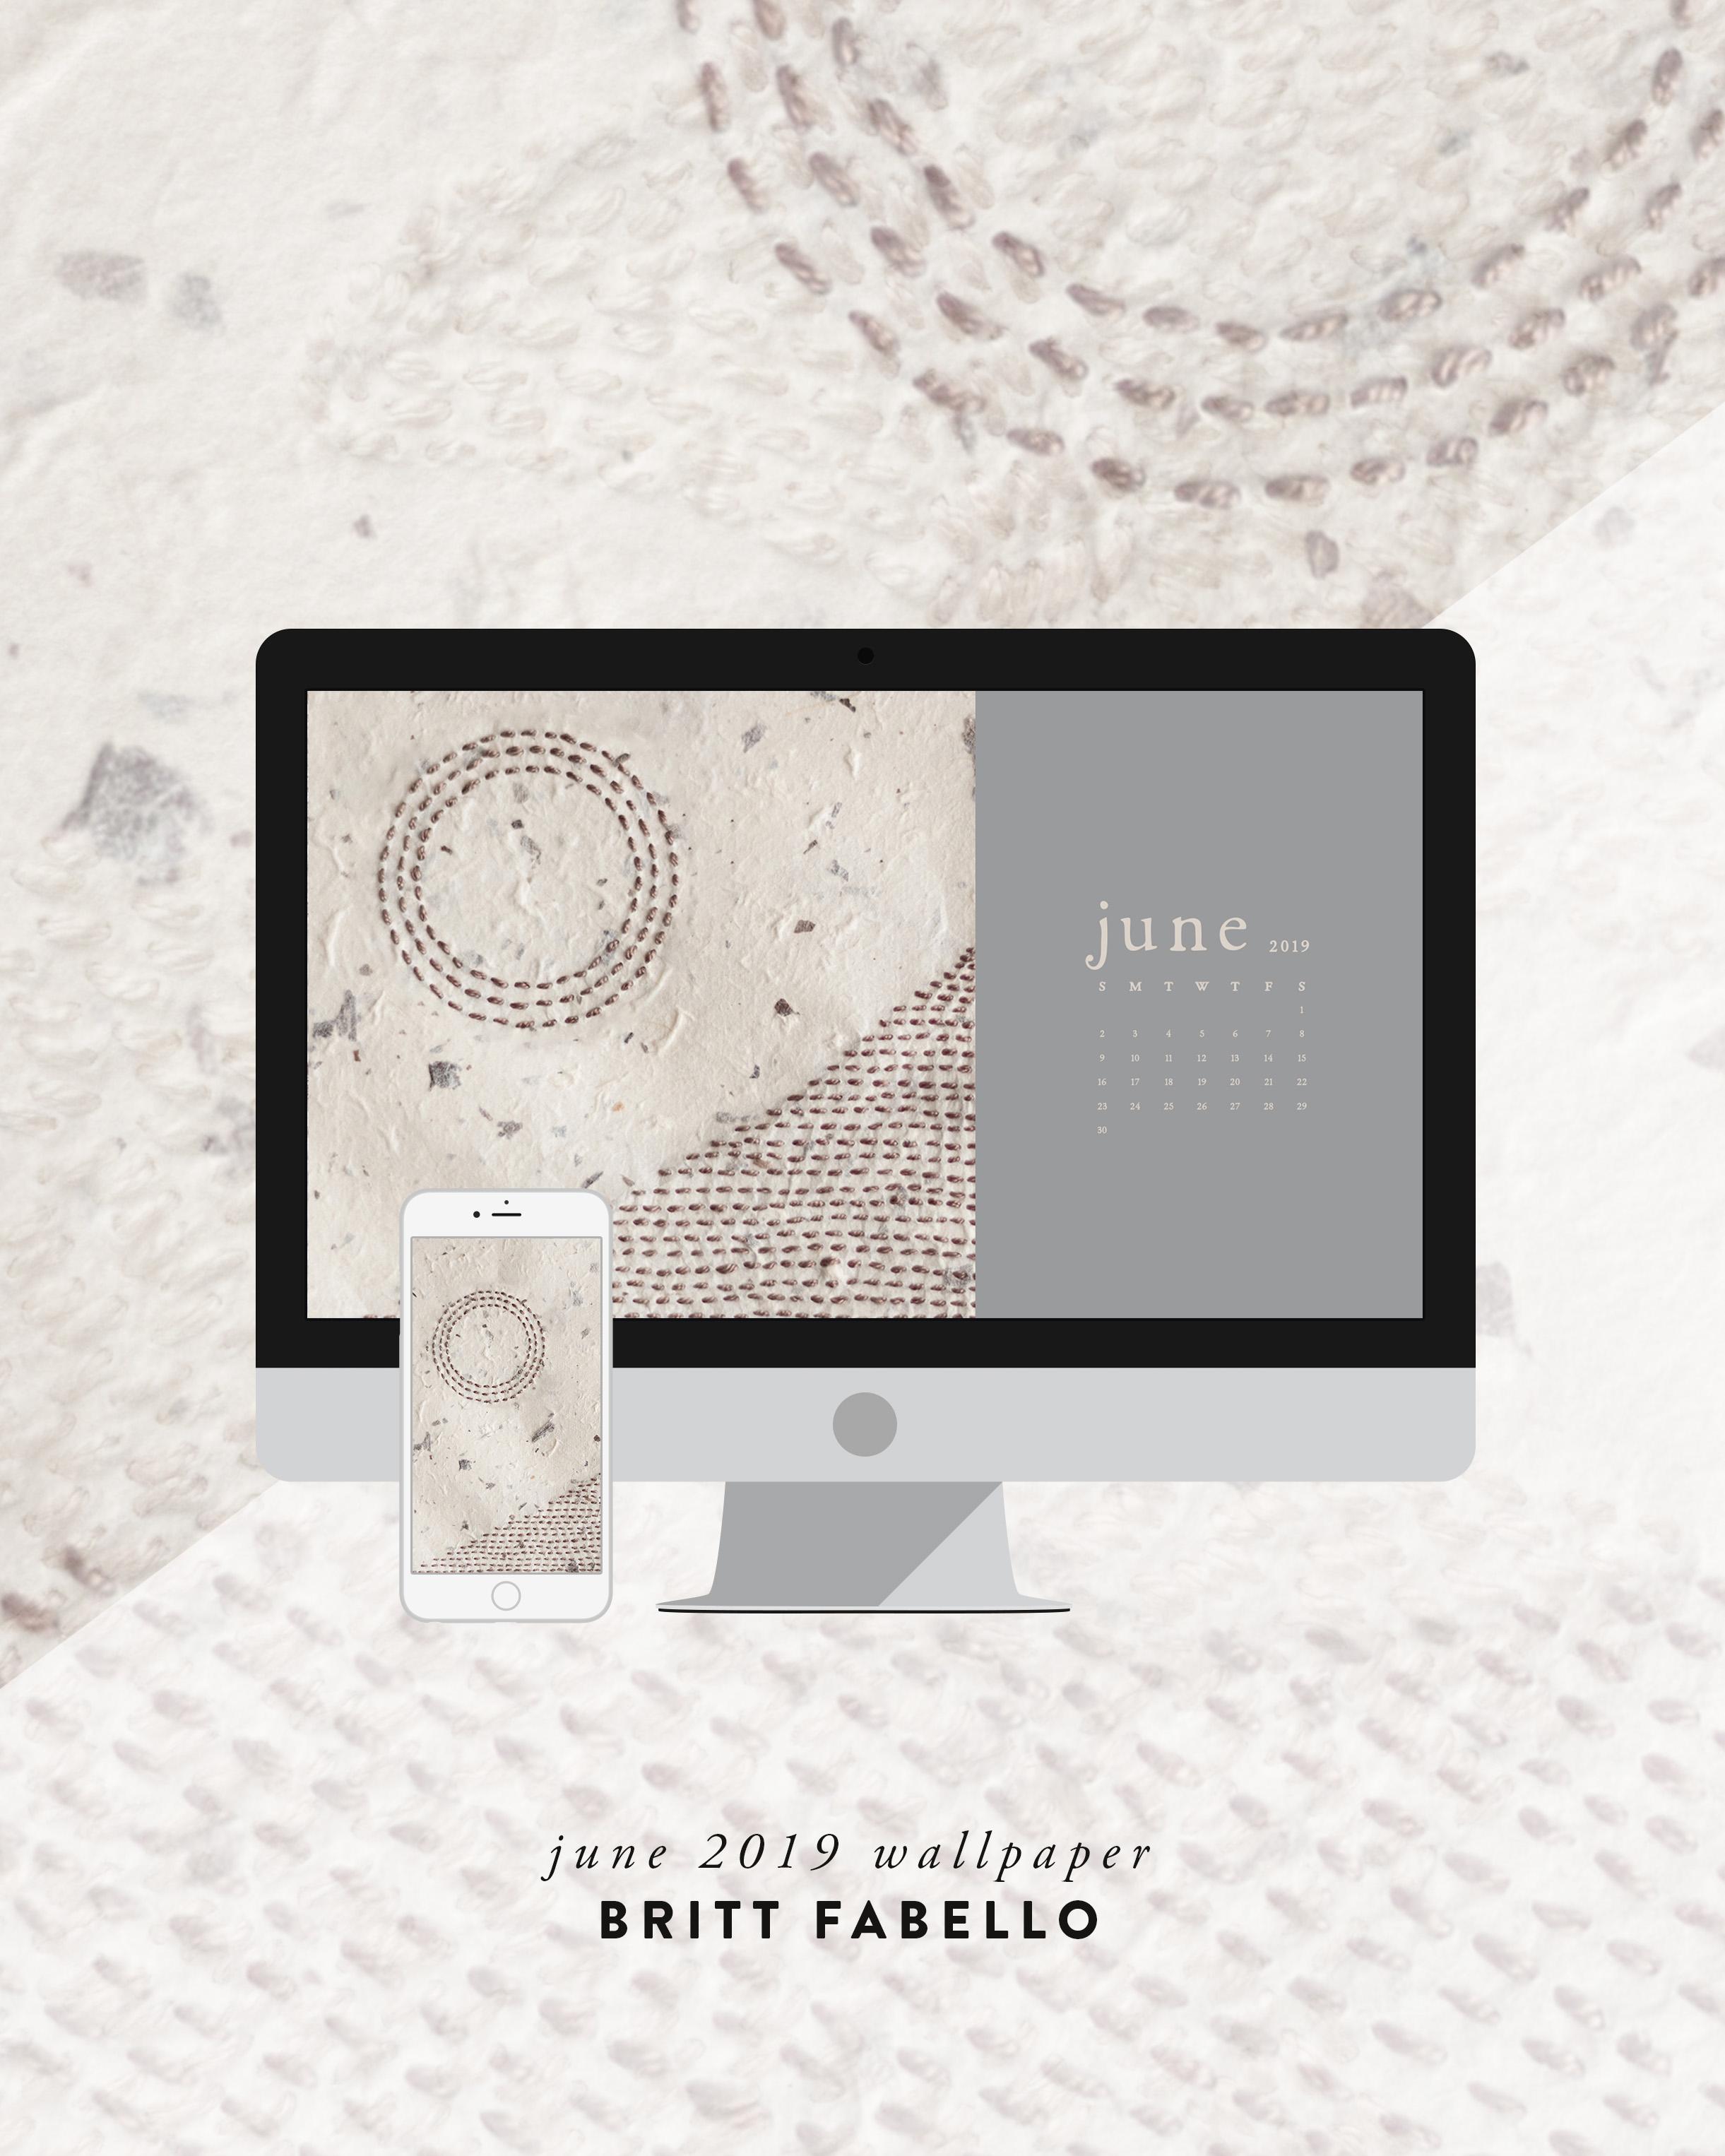 BF_Wallpaper_Phone_June-2019.jpgWallpaper: June 2019 Calendar & Artwork | Computer & Phone | Britt Fabello